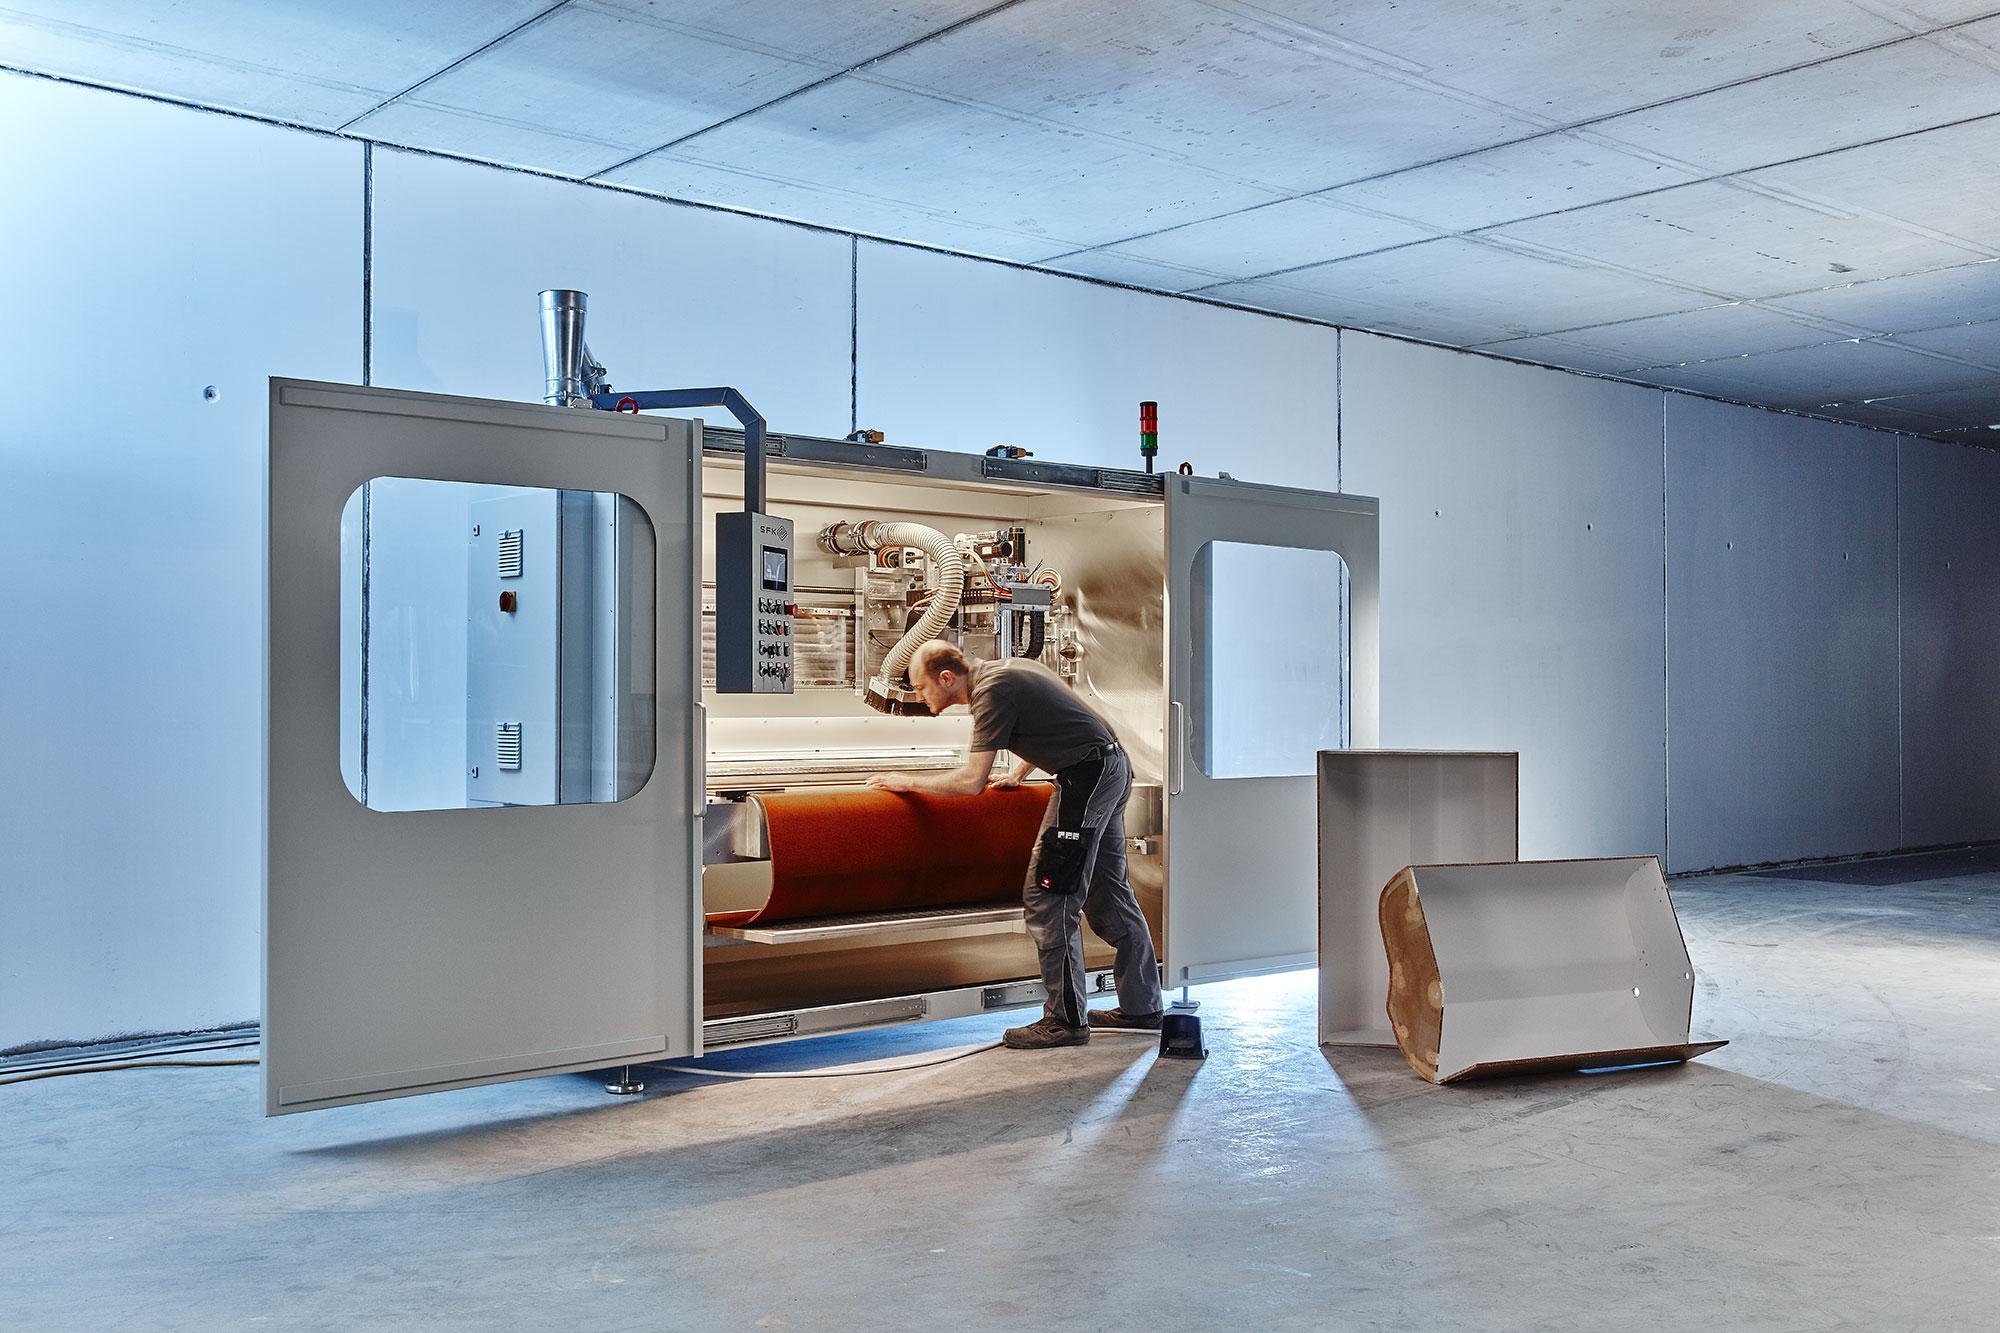 Fräsmaschine bestehend aus Umhausung & Maschinentisch, Aufspannvorrichtung, Fräsaggregat mit Linearführungen, diversen Sicherheitseinrichtungen und NC-Steuerung